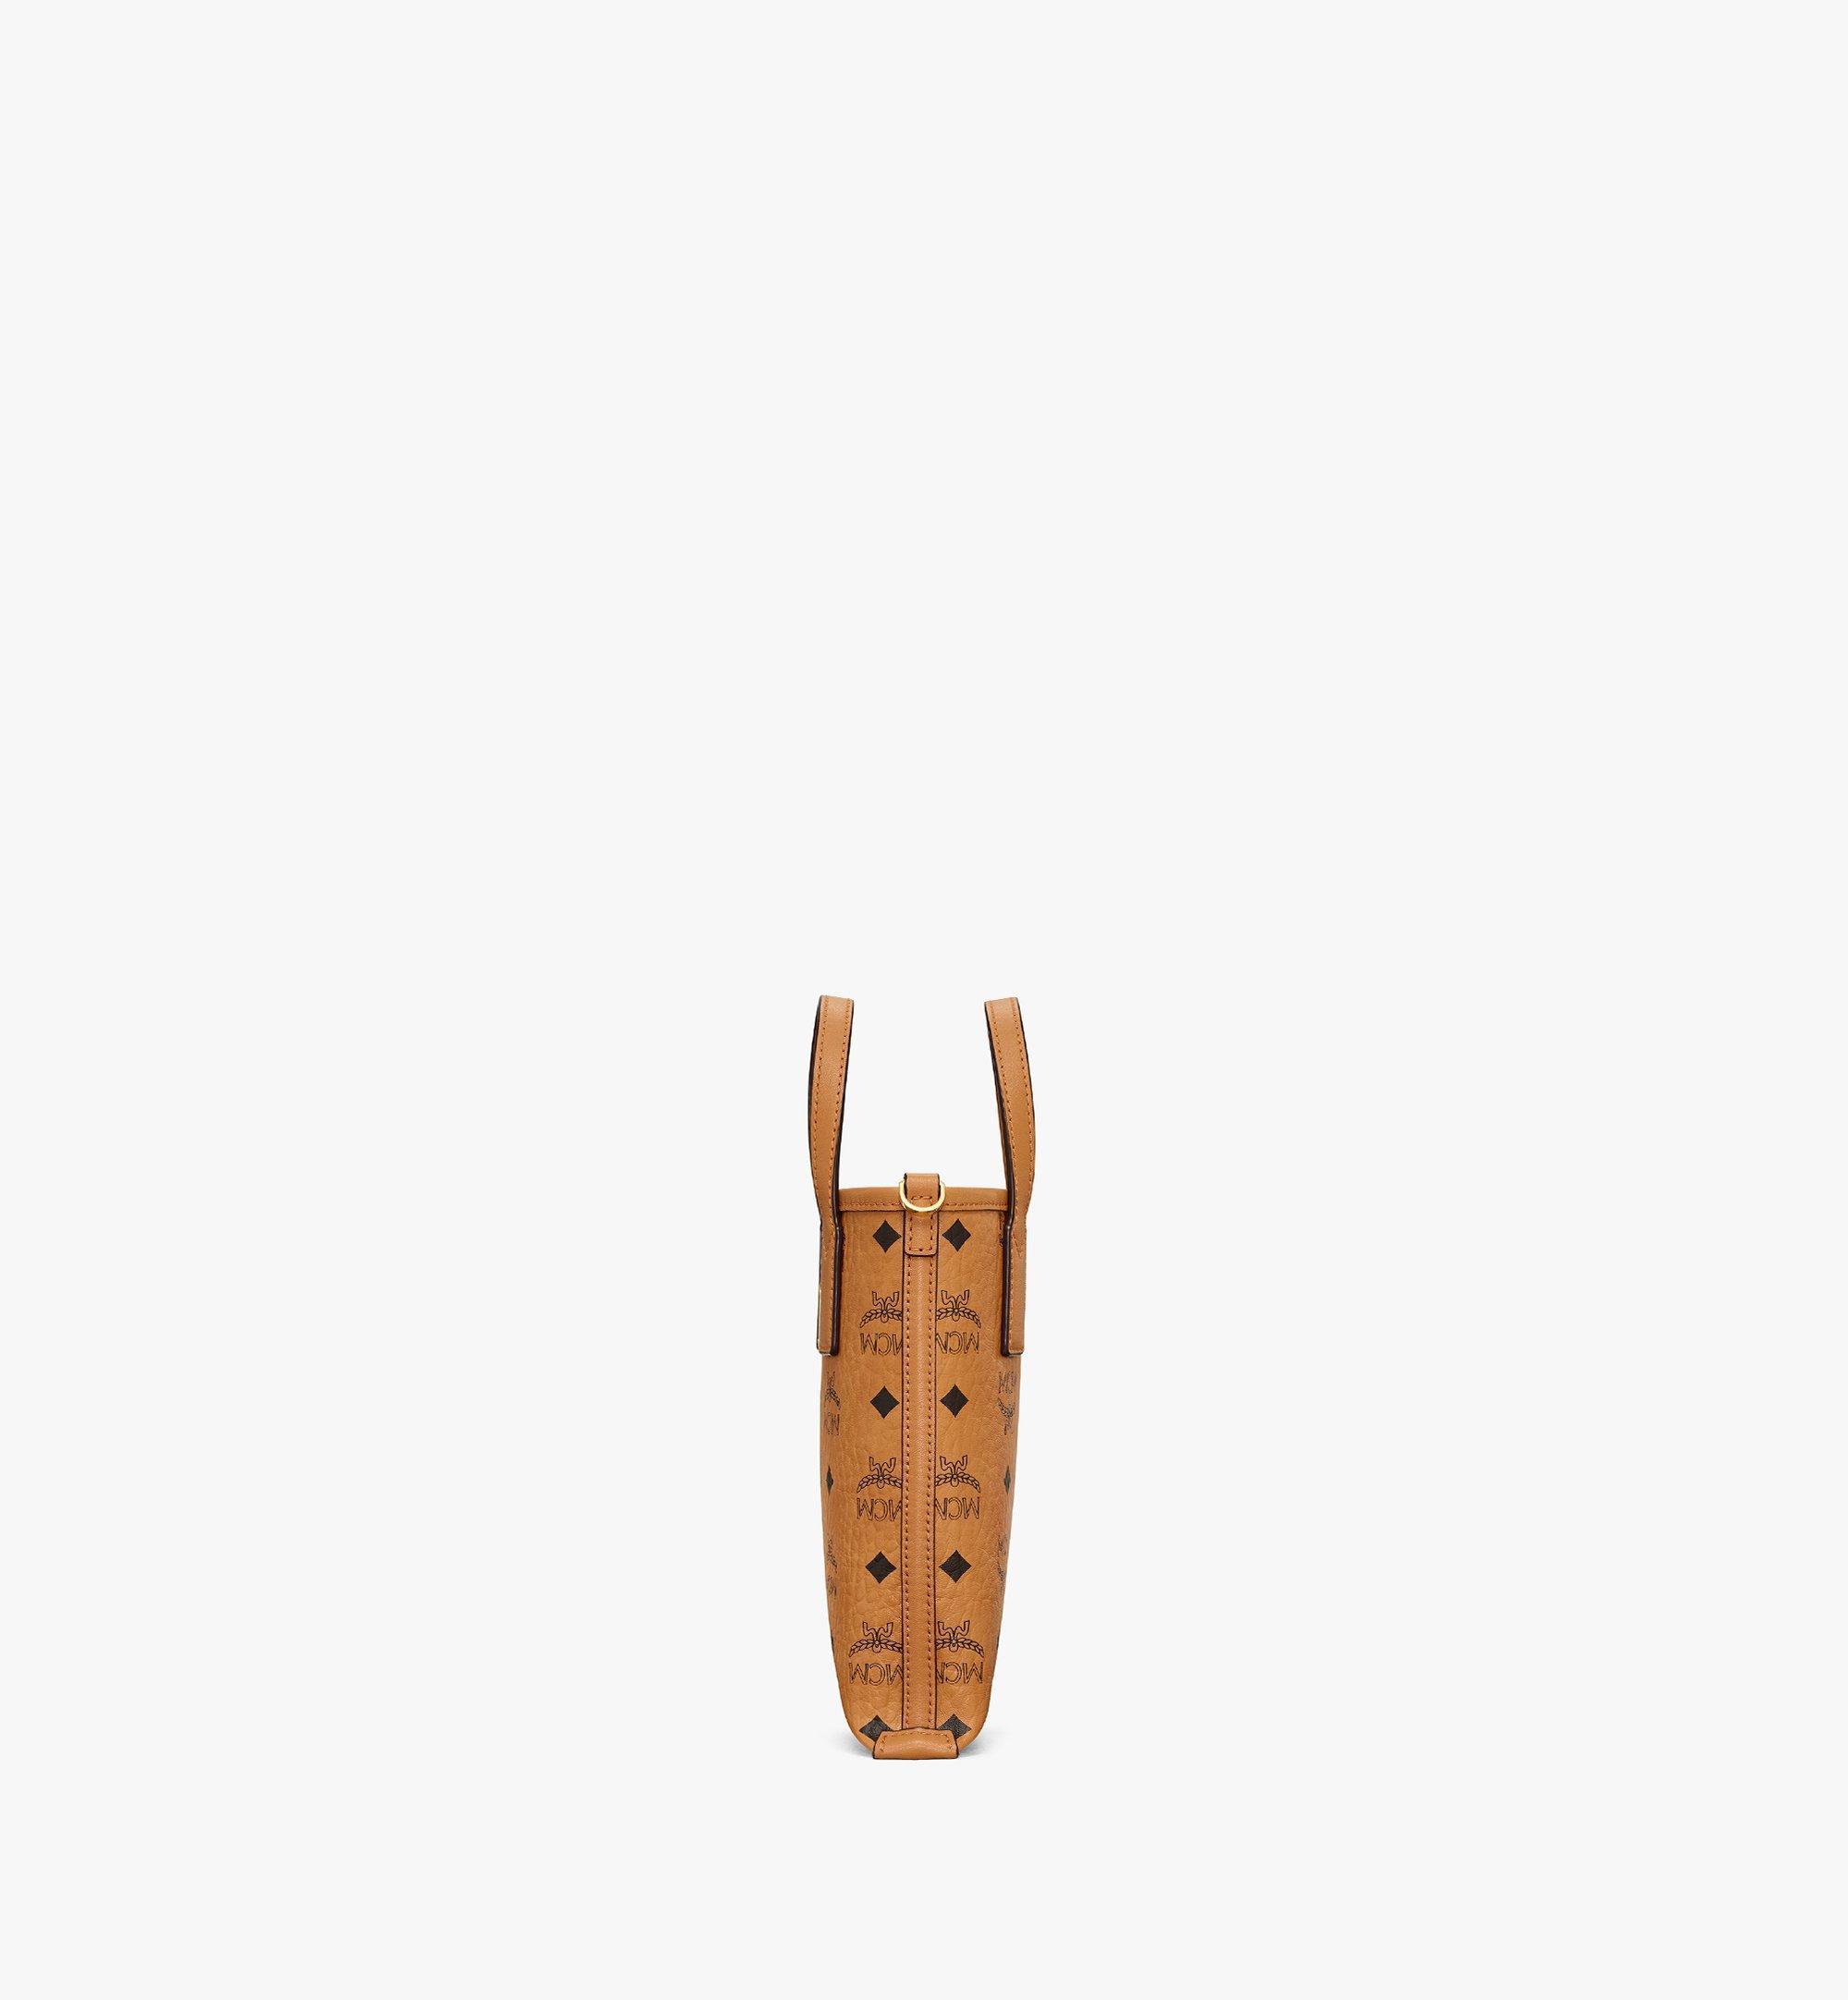 MCM Essential Crossbody Bag in Visetos Cognac MWRAASE03CO001 Alternate View 2